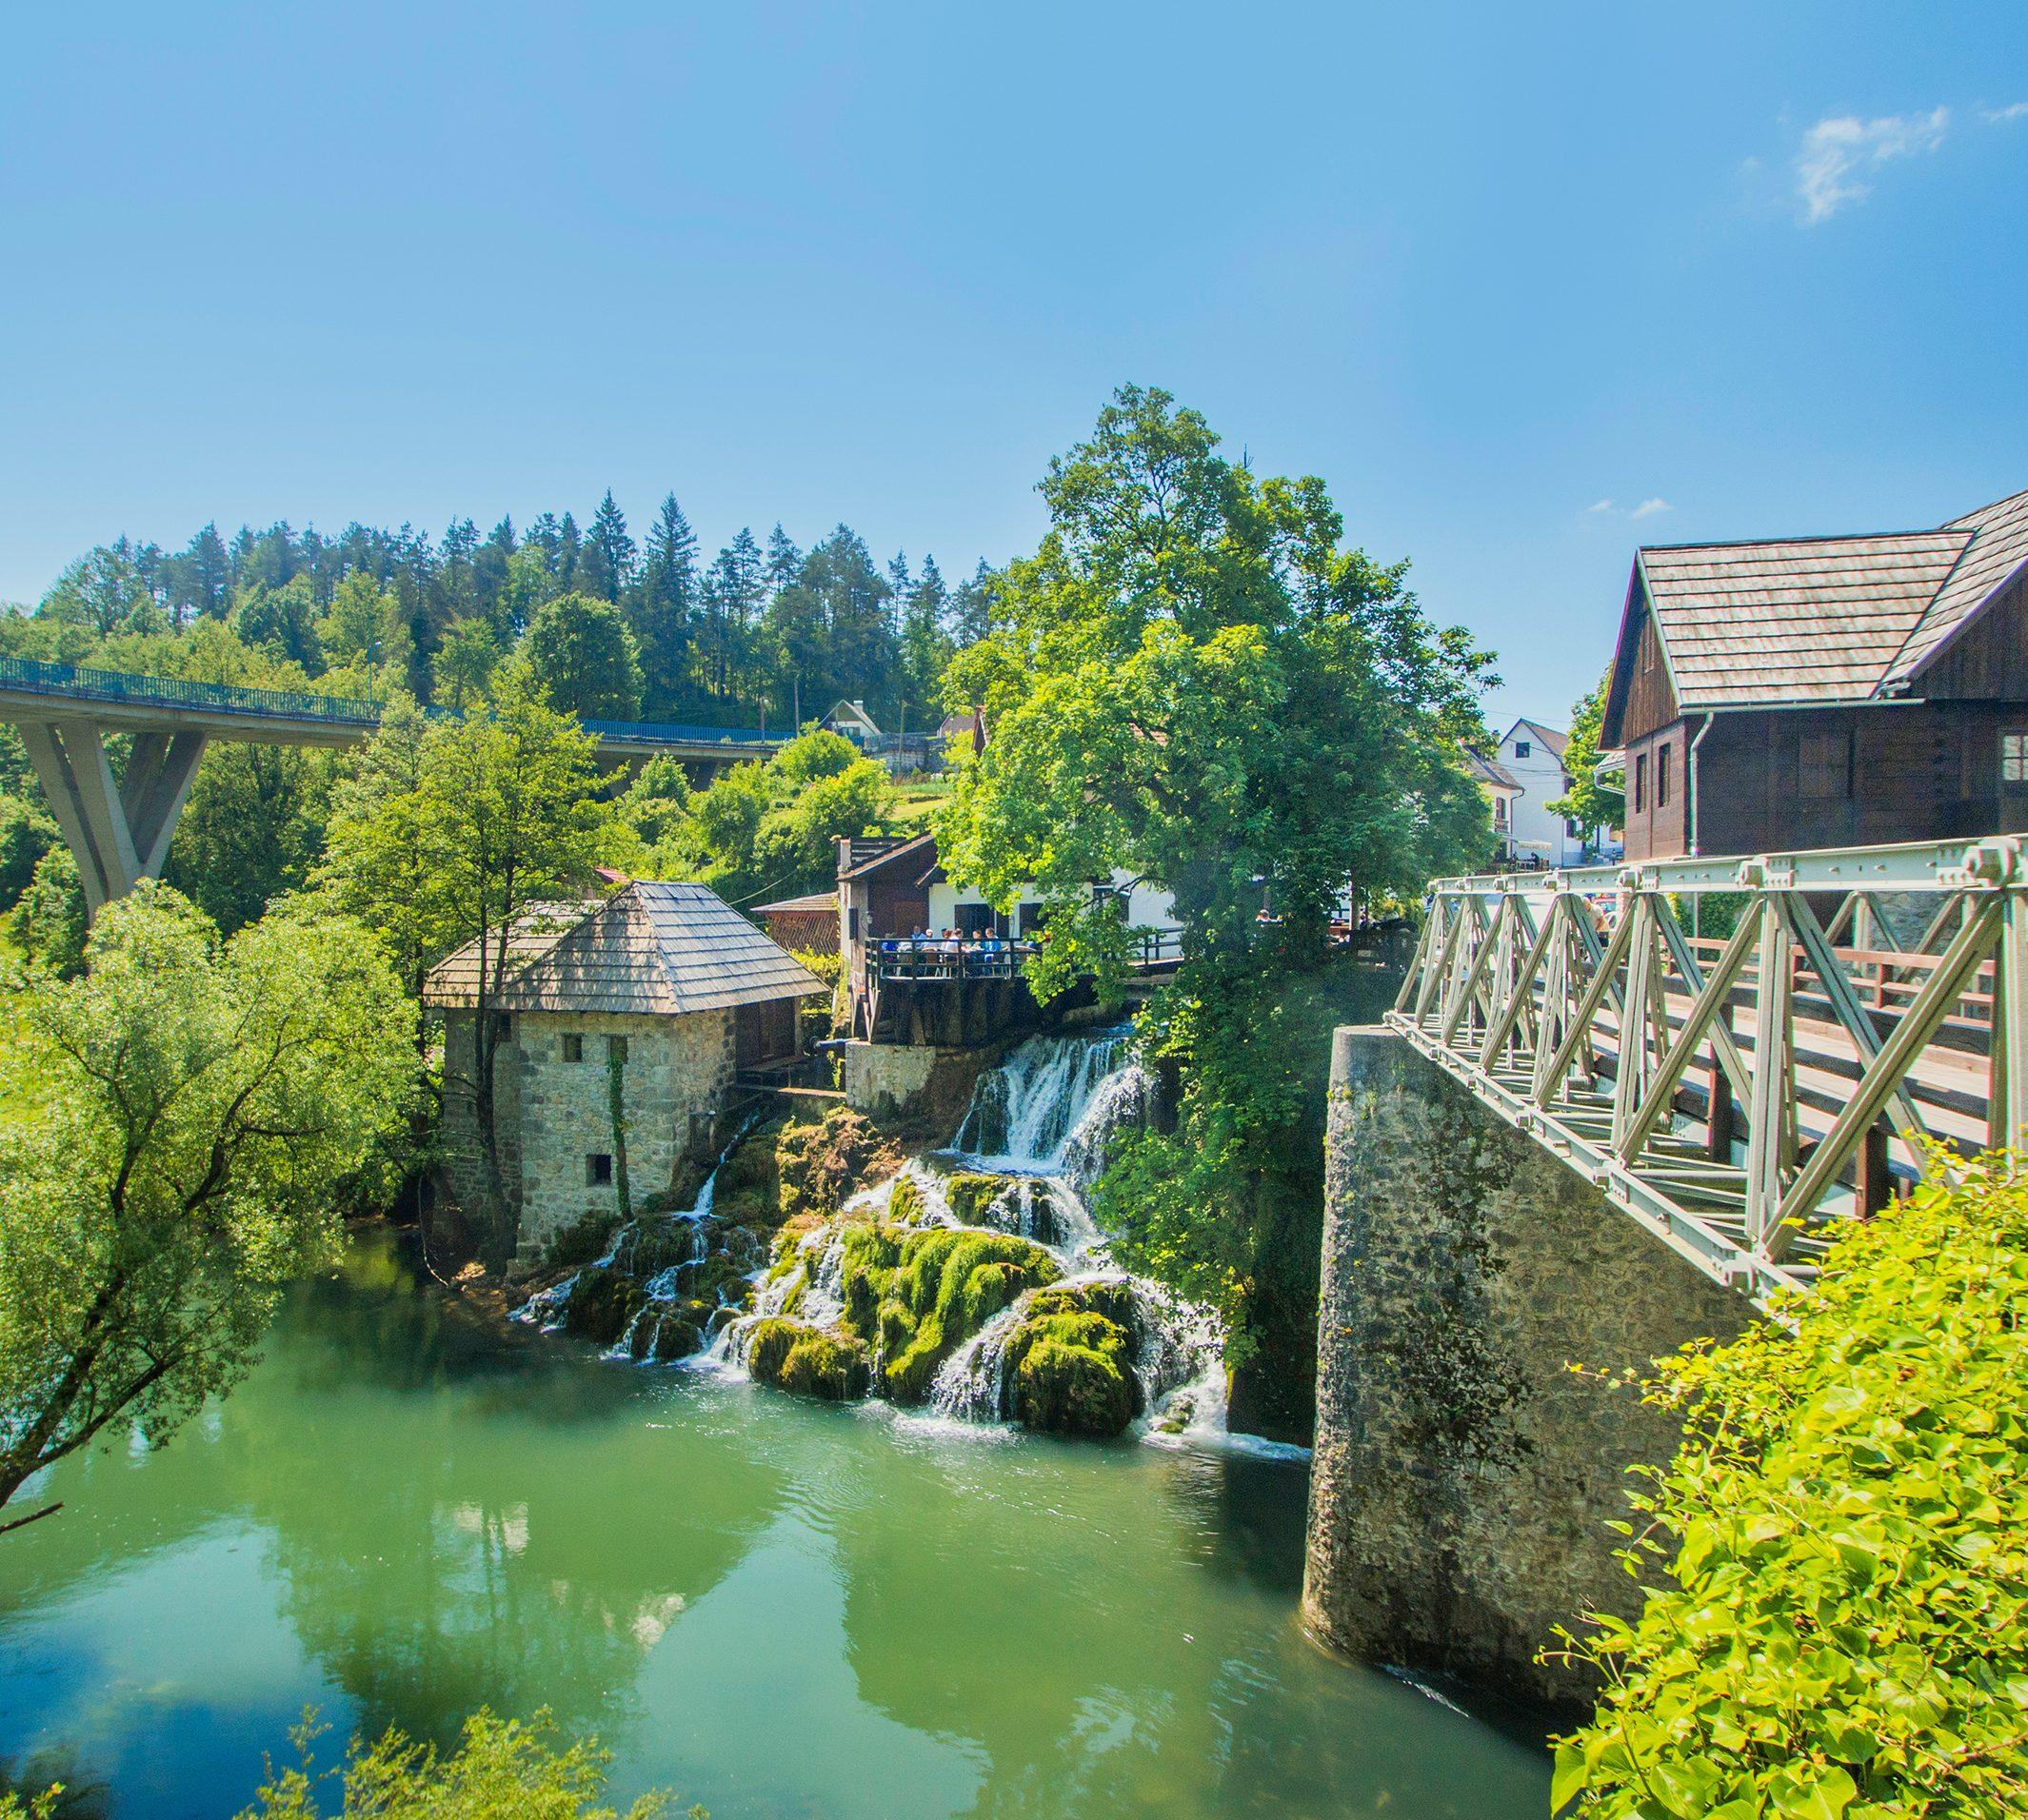 pictures Deze vijf onontdekte Europese landen zijn zéker een bezoek waard zijn